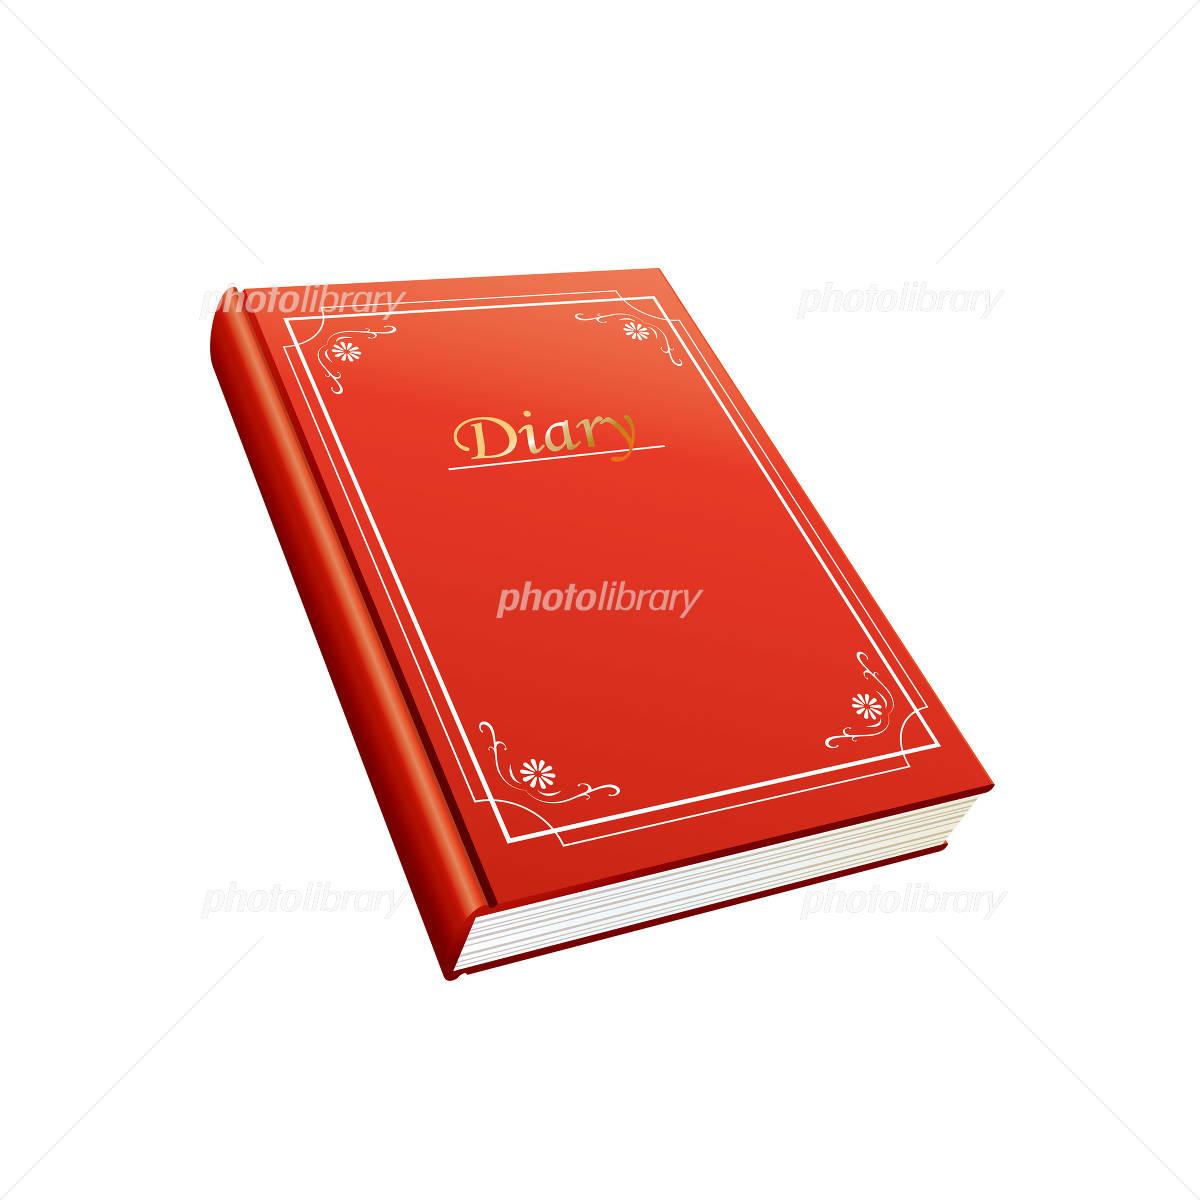 赤い日記帳のイラスト イラスト素材 944621 フォトライブラリー